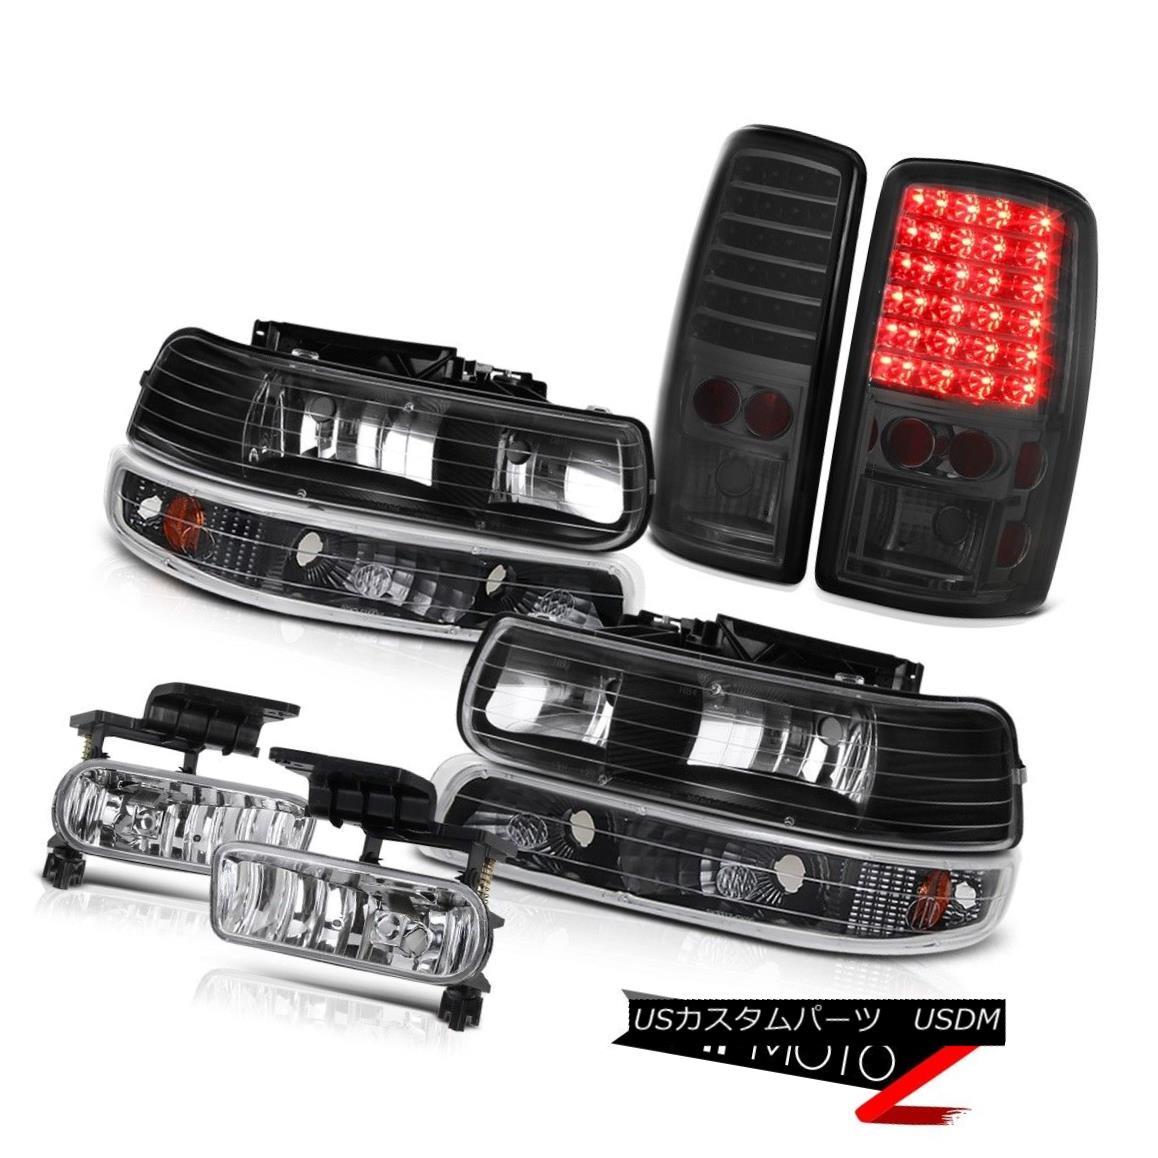 ヘッドライト Headlight Bumper Taillight LED Fog Lamp 00 01 02 03 04 05 06 Suburban 2500 ヘッドライトバンパーテールライトLEDフォグランプ00 01 02 03 04 05 06郊外2500